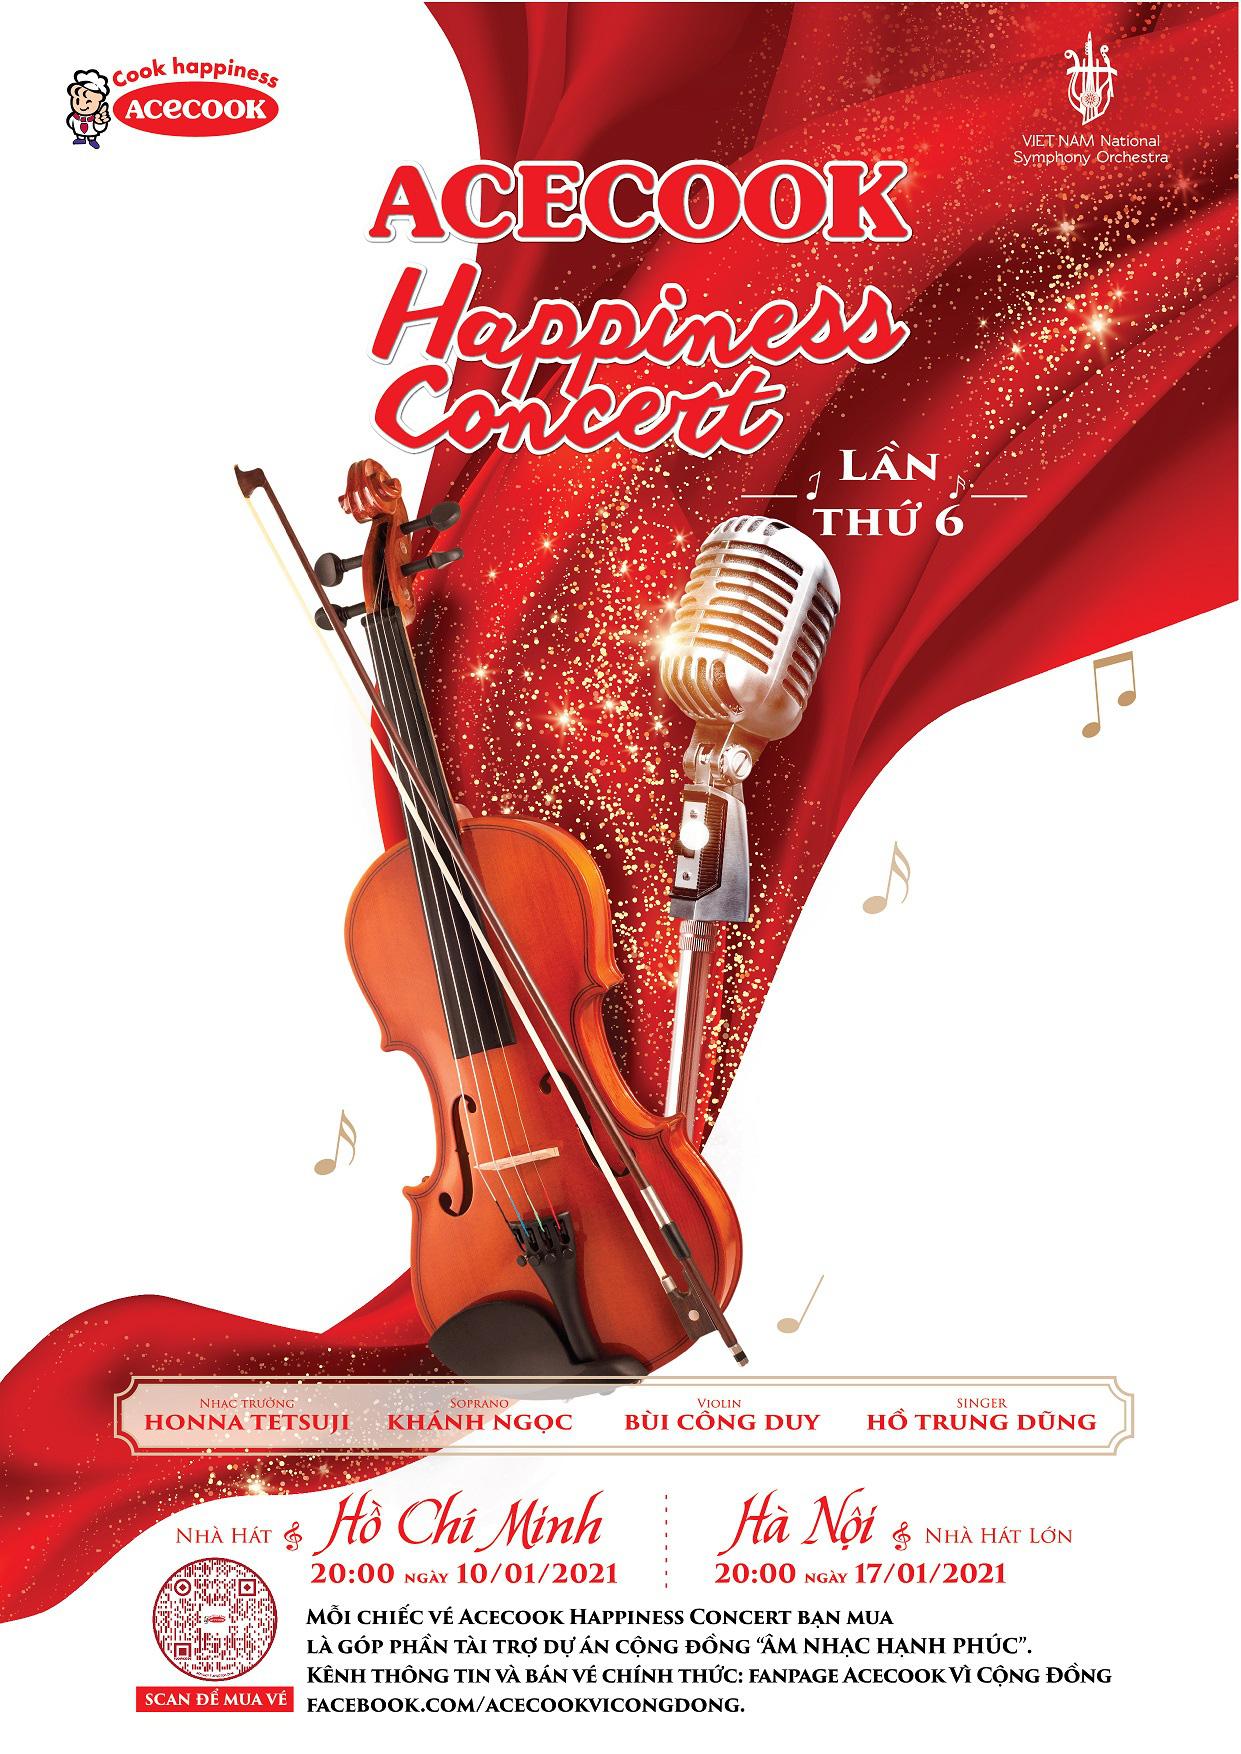 """Hồ Trung Dũng lần đầu """"hòa nhạc hạnh phúc"""" cùng giọng ca Opera Khánh Ngọc - Ảnh 1."""